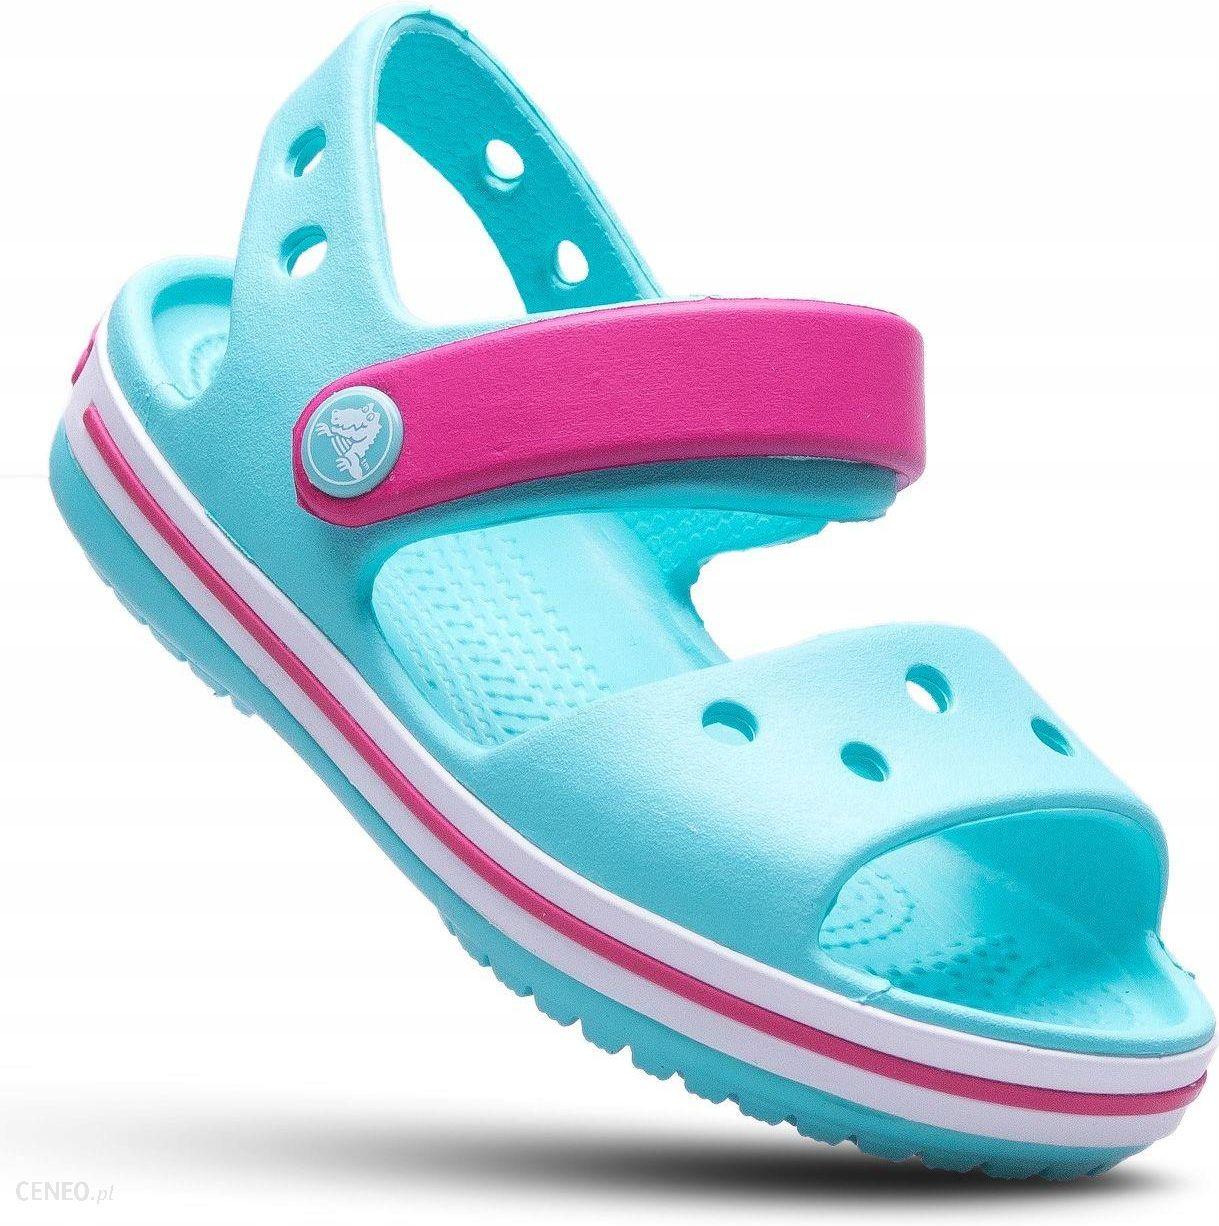 sprzedaż usa online najwyższa jakość najnowsza zniżka Crocs sandały dziecięce sandałki Crocband 12856 - Ceny i opinie - Ceneo.pl